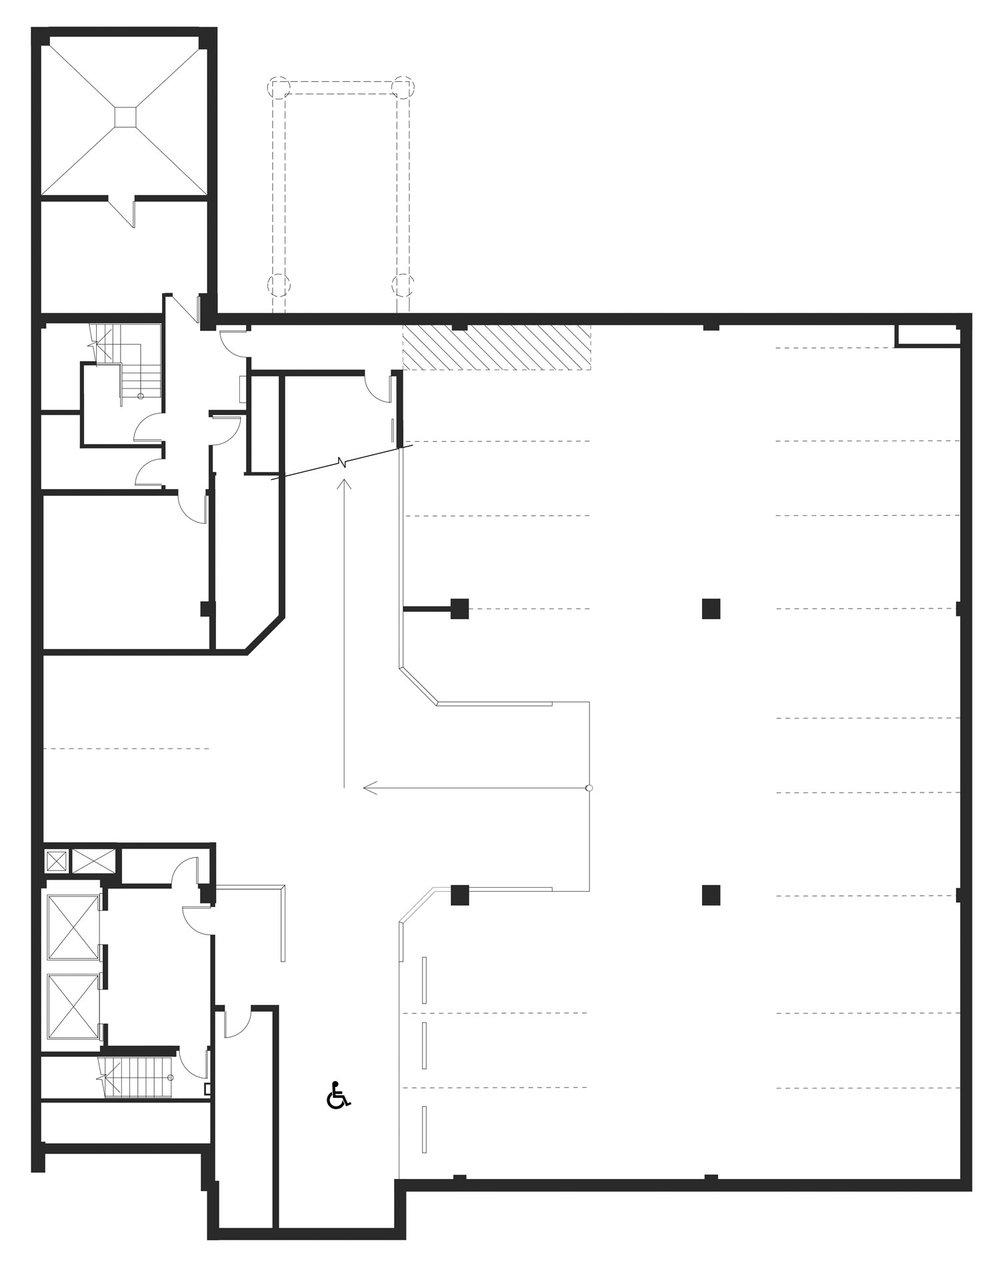 ….The basement was converted from office space to a parking garage. ..Le sous-sol, autrefois utilisé comme espace de bureaux, a été converti en stationnement. ….